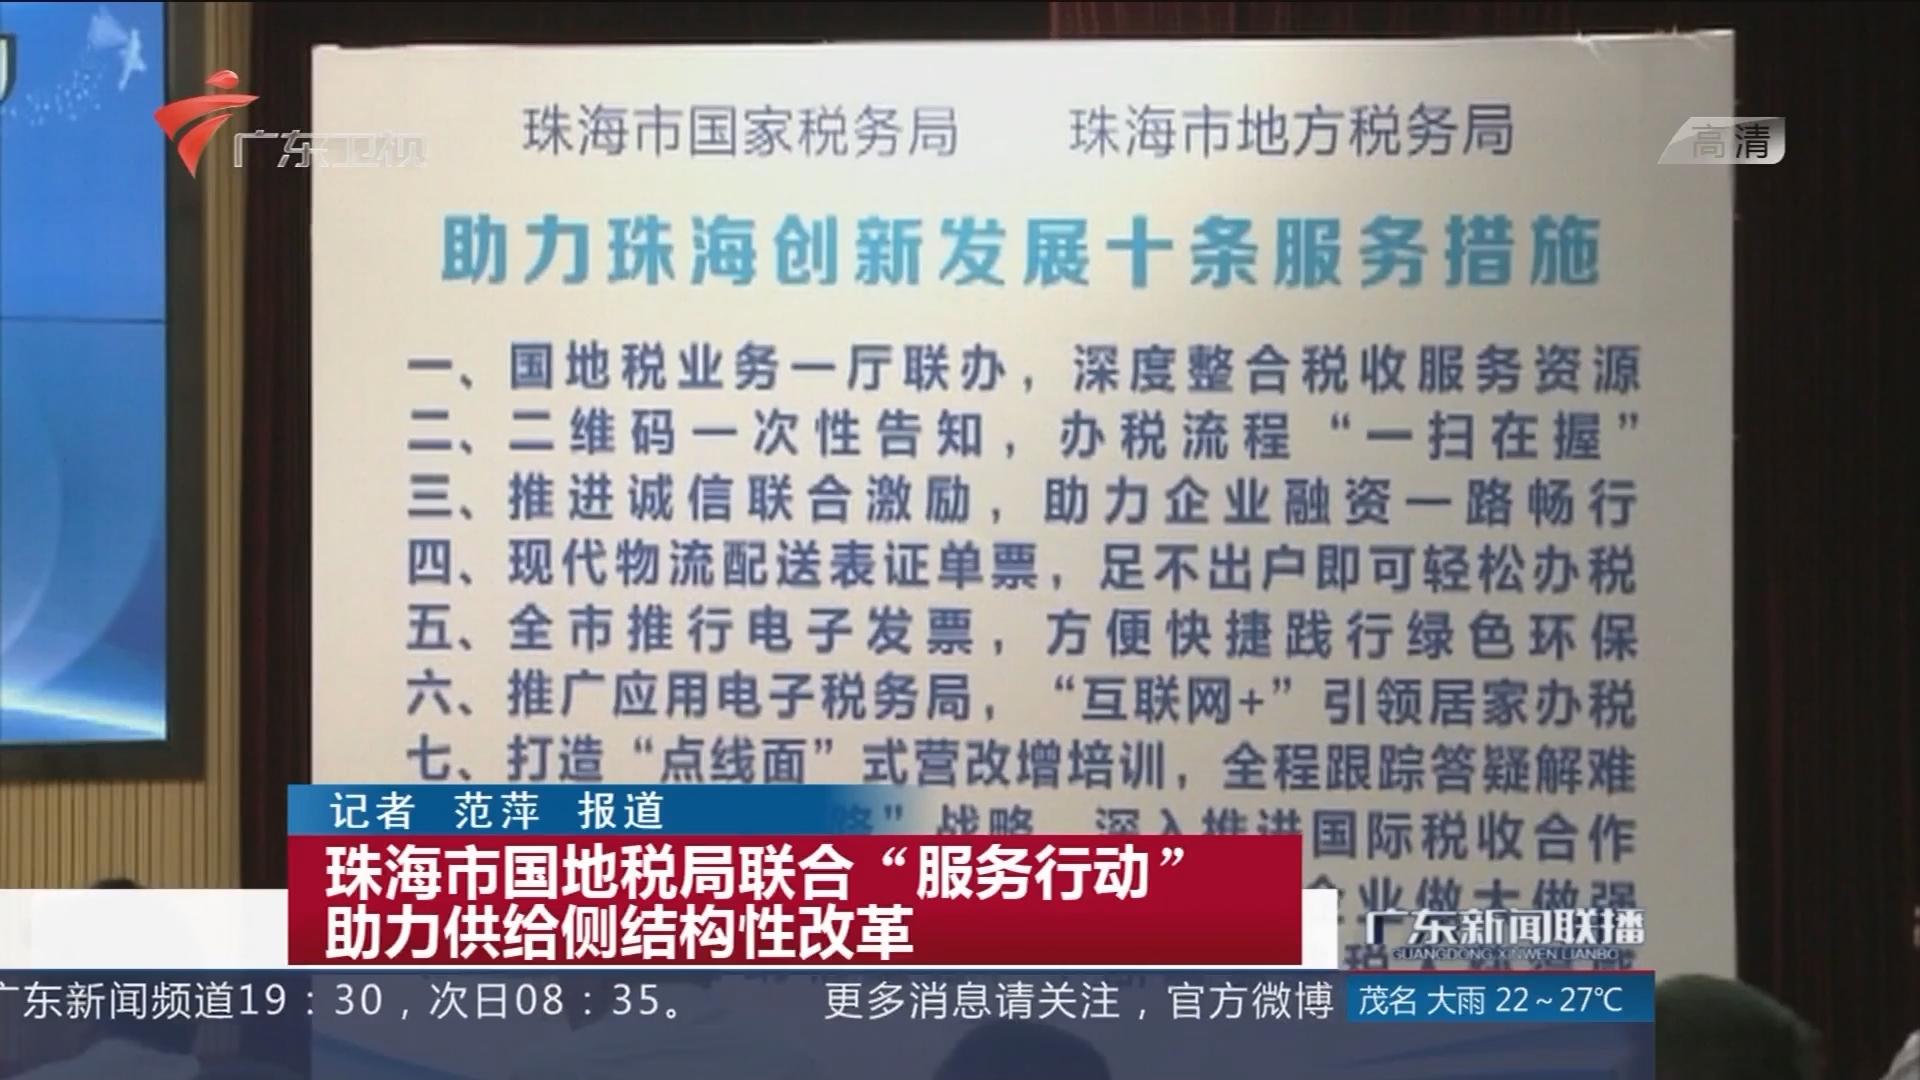 """珠海市国地税局联合""""服务行动"""" 助力供给侧结构性改革"""